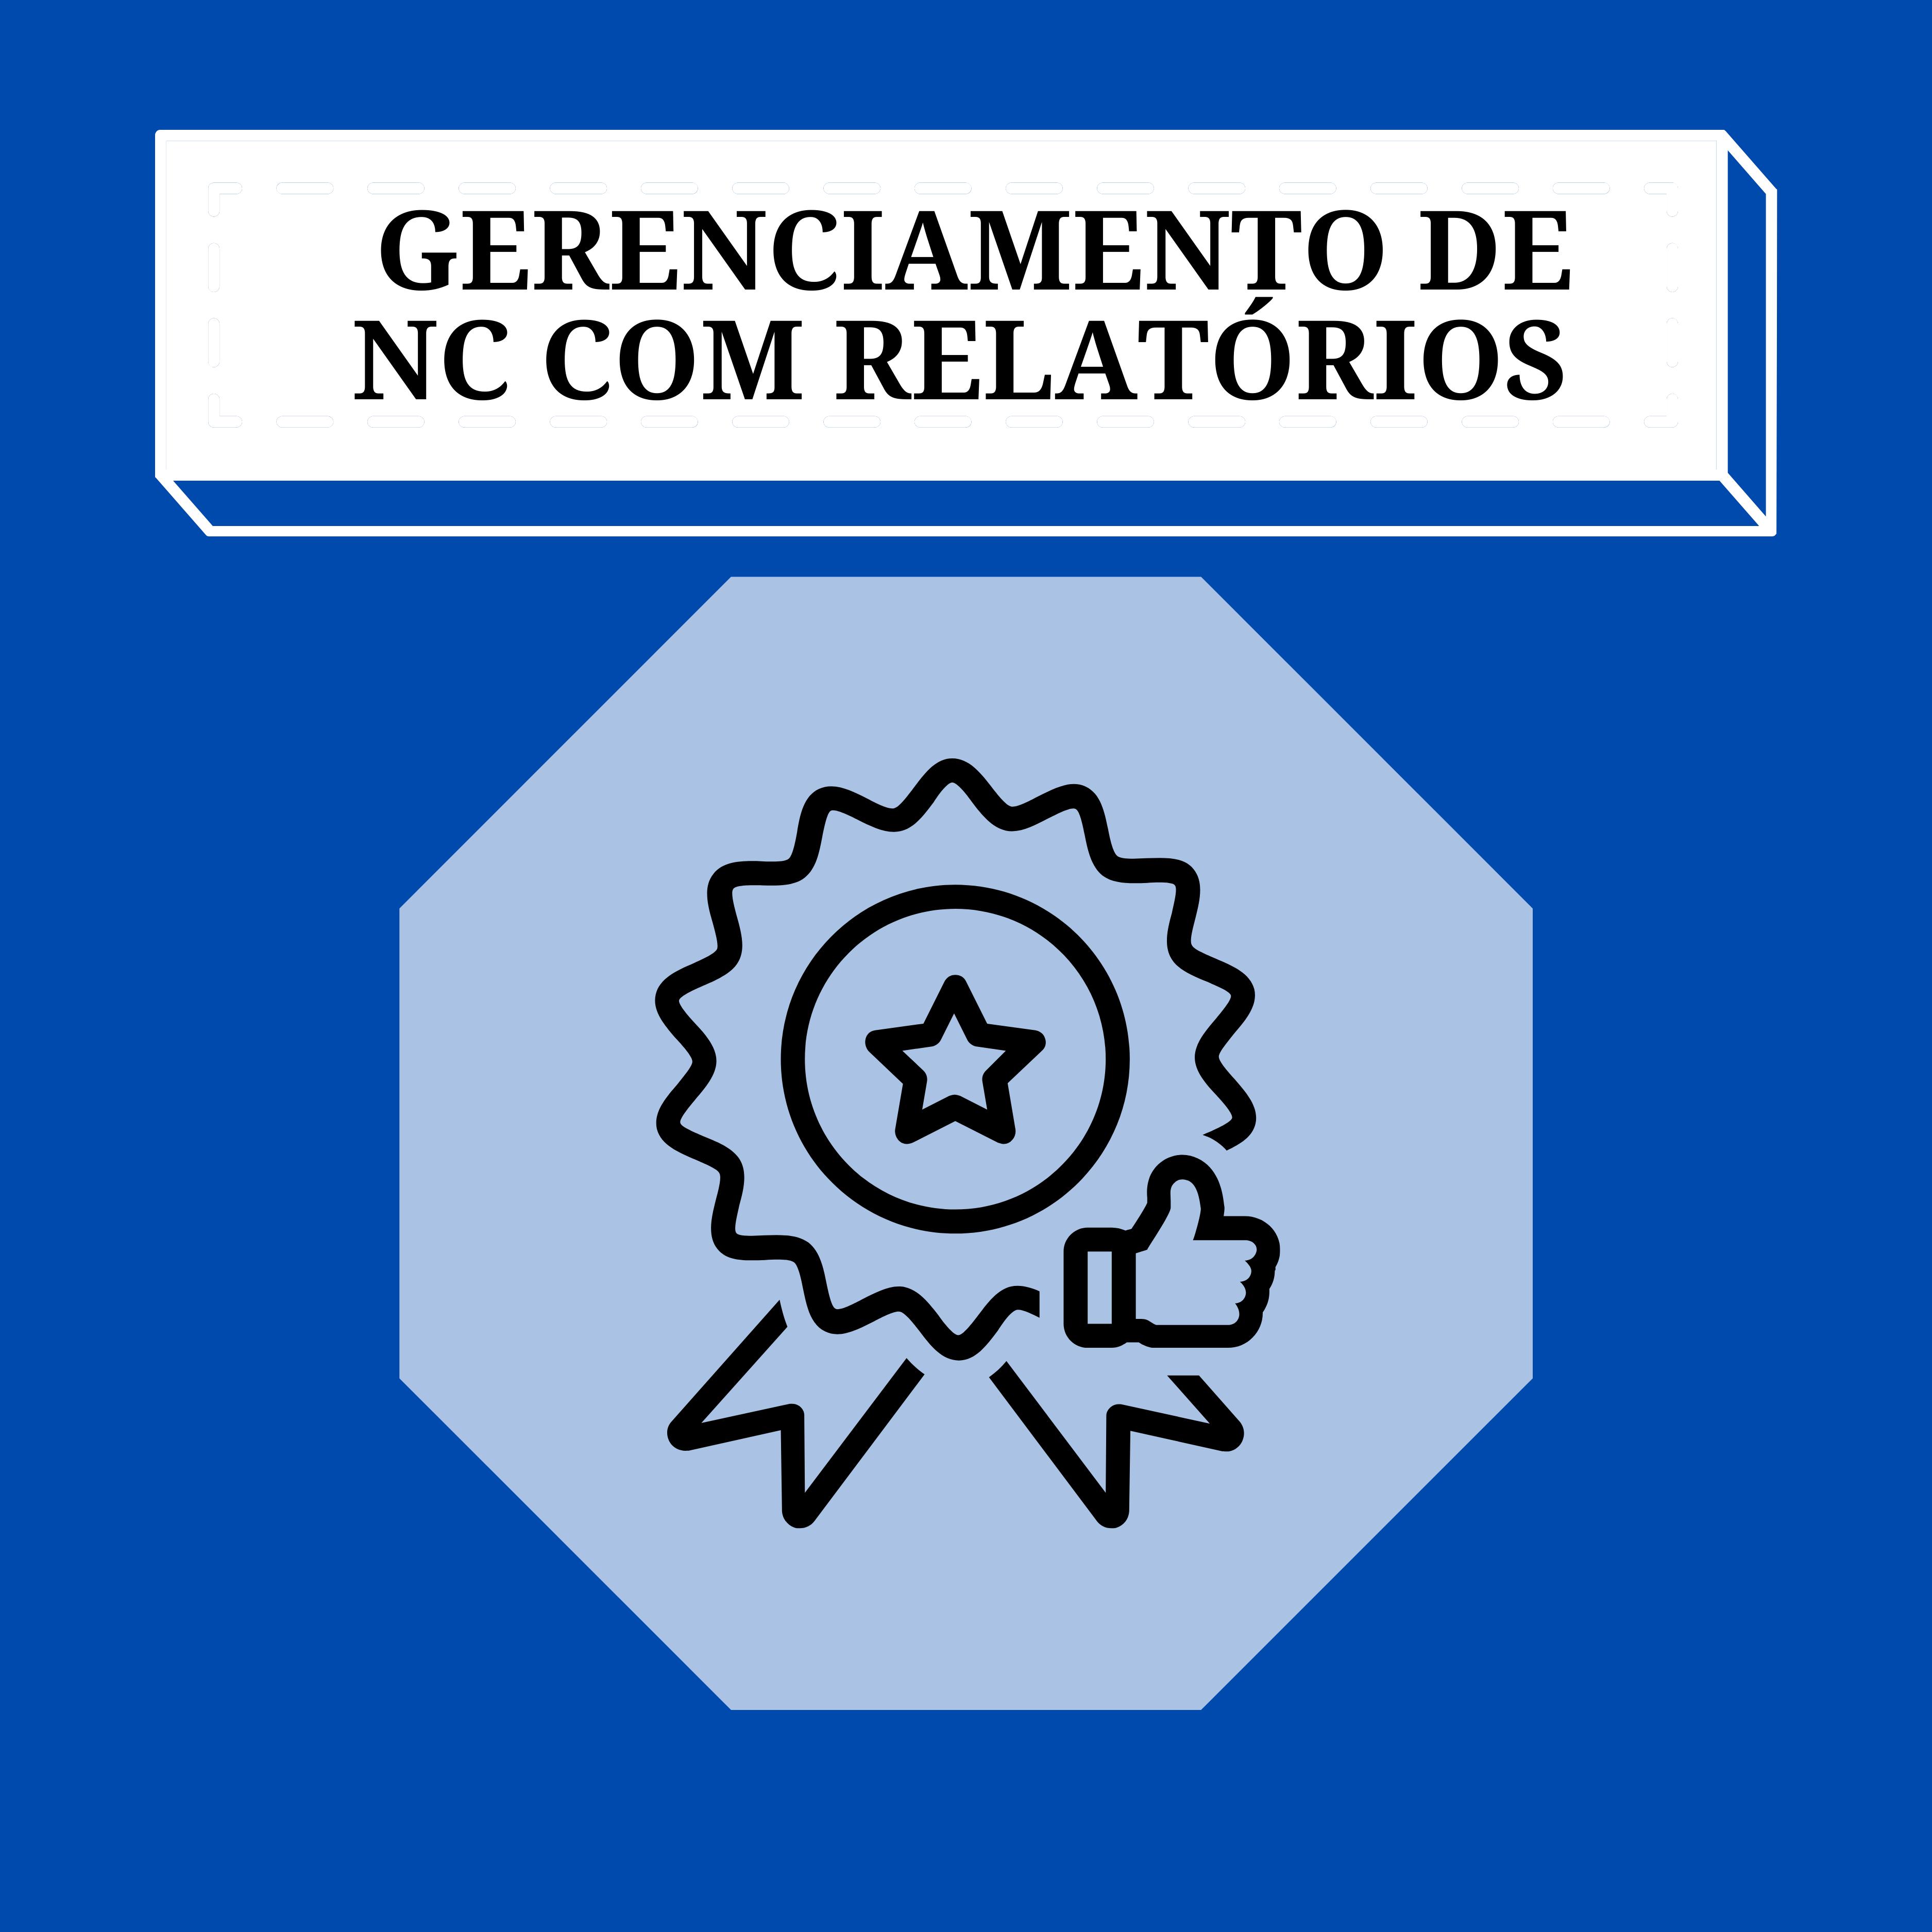 Gerenciamento de NC com emissão de Relatórios